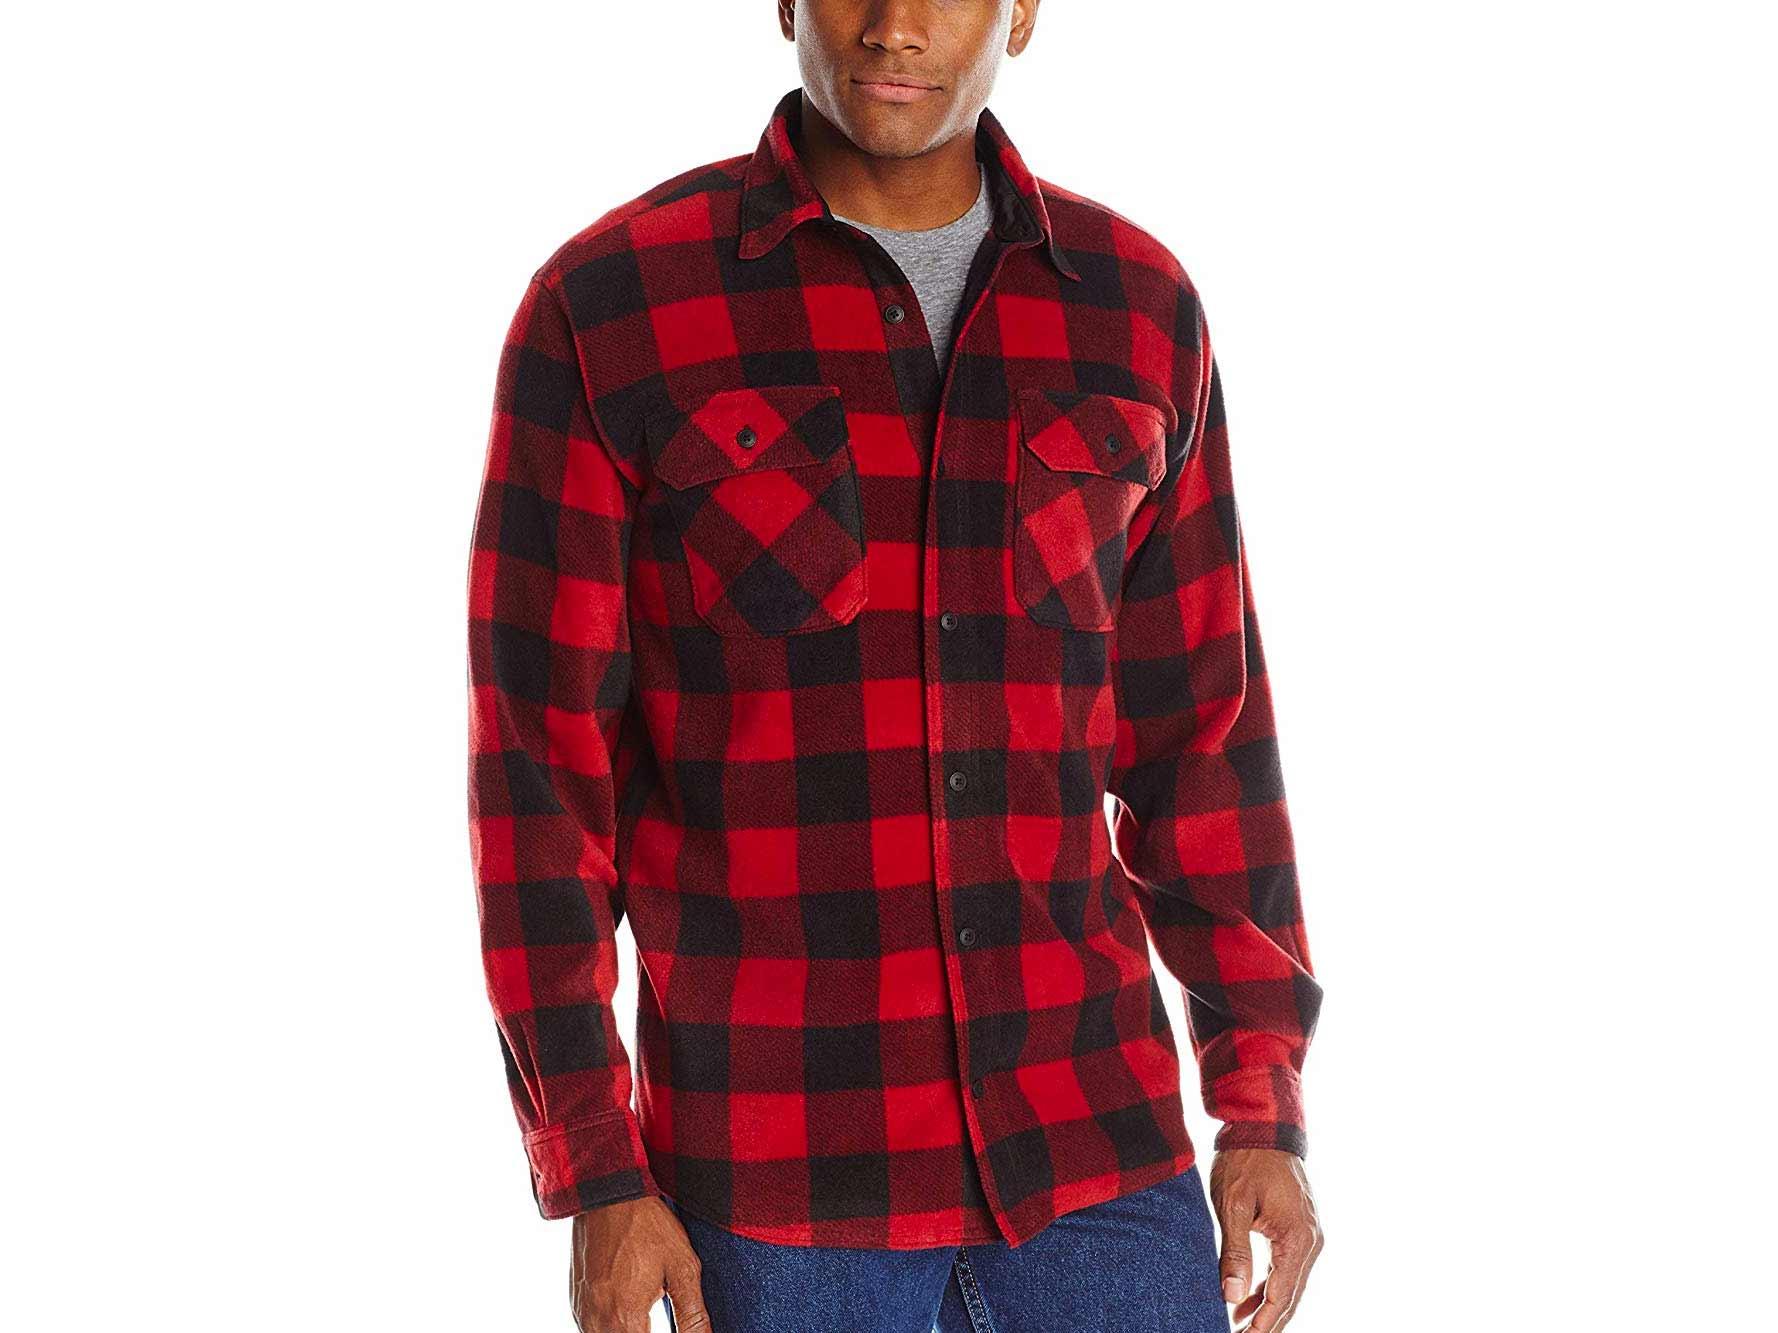 Red and black Wrangler plaid shirt